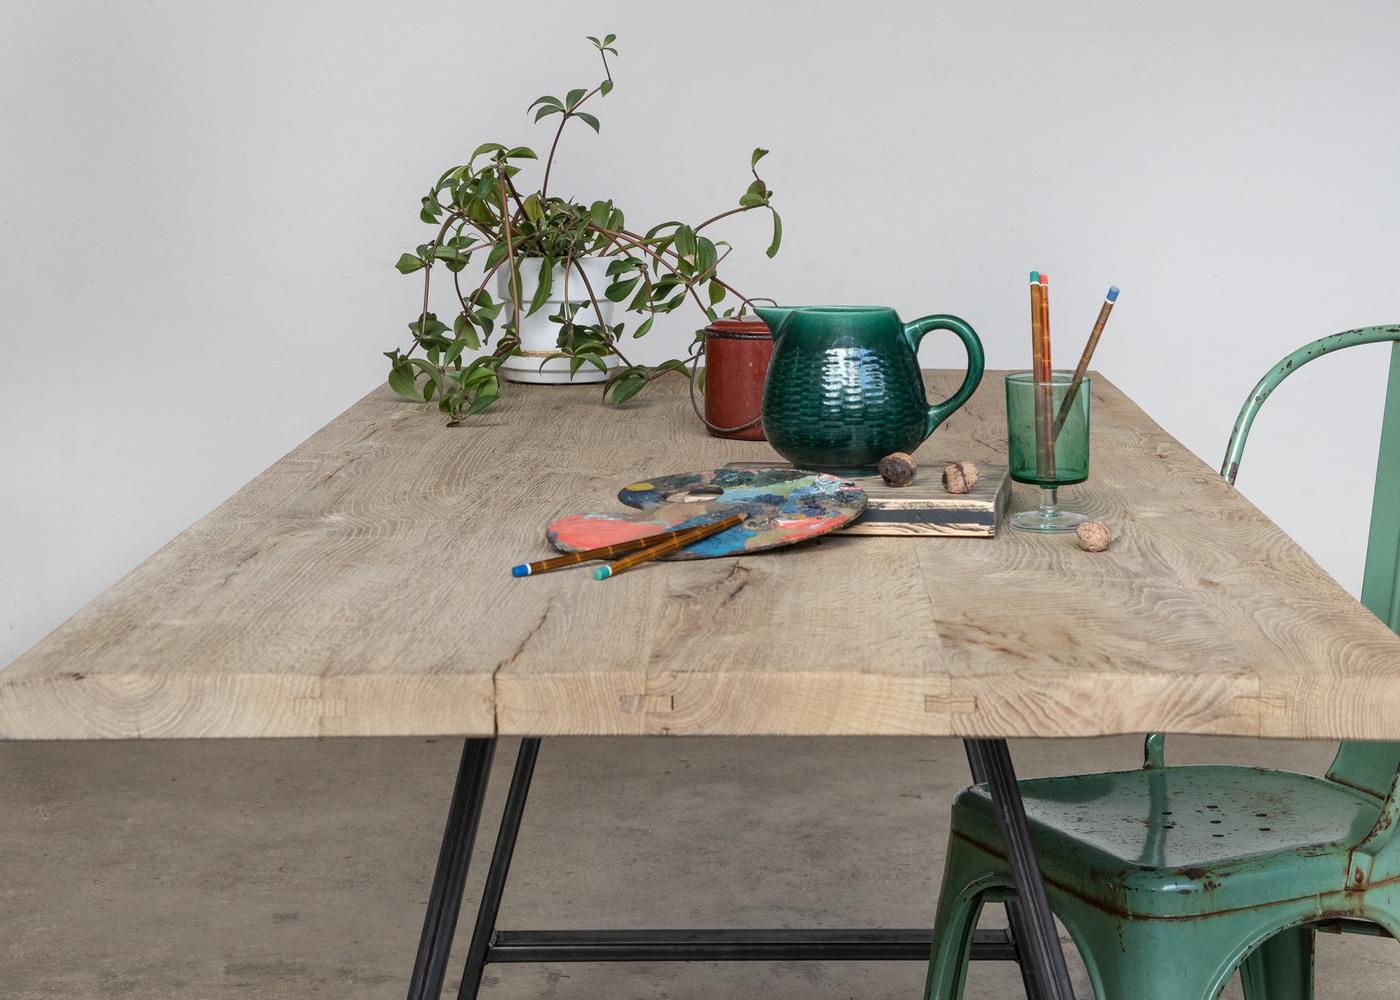 Plateau de table STAVANGER à partir de vieux fond de wagon chêne teinte grise - (longueur maximum 2600mm)